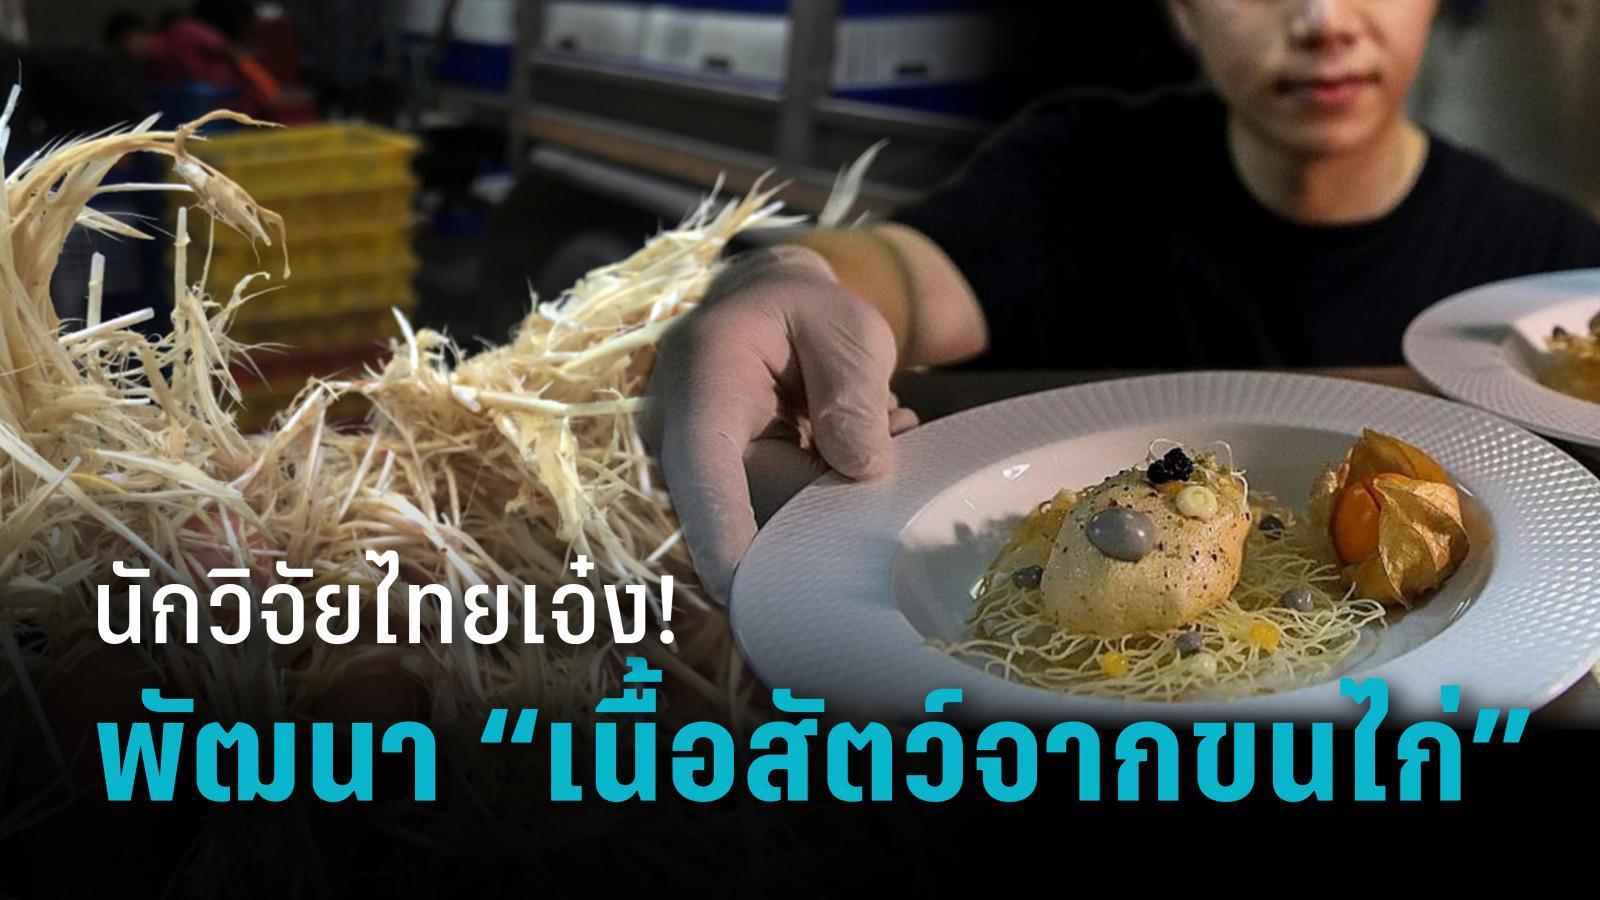 """นักวิจัยไทยเจ๋ง! พัฒนา """"เนื้อสัตว์จากขนไก่"""" อาหารแห่งอนาคต"""